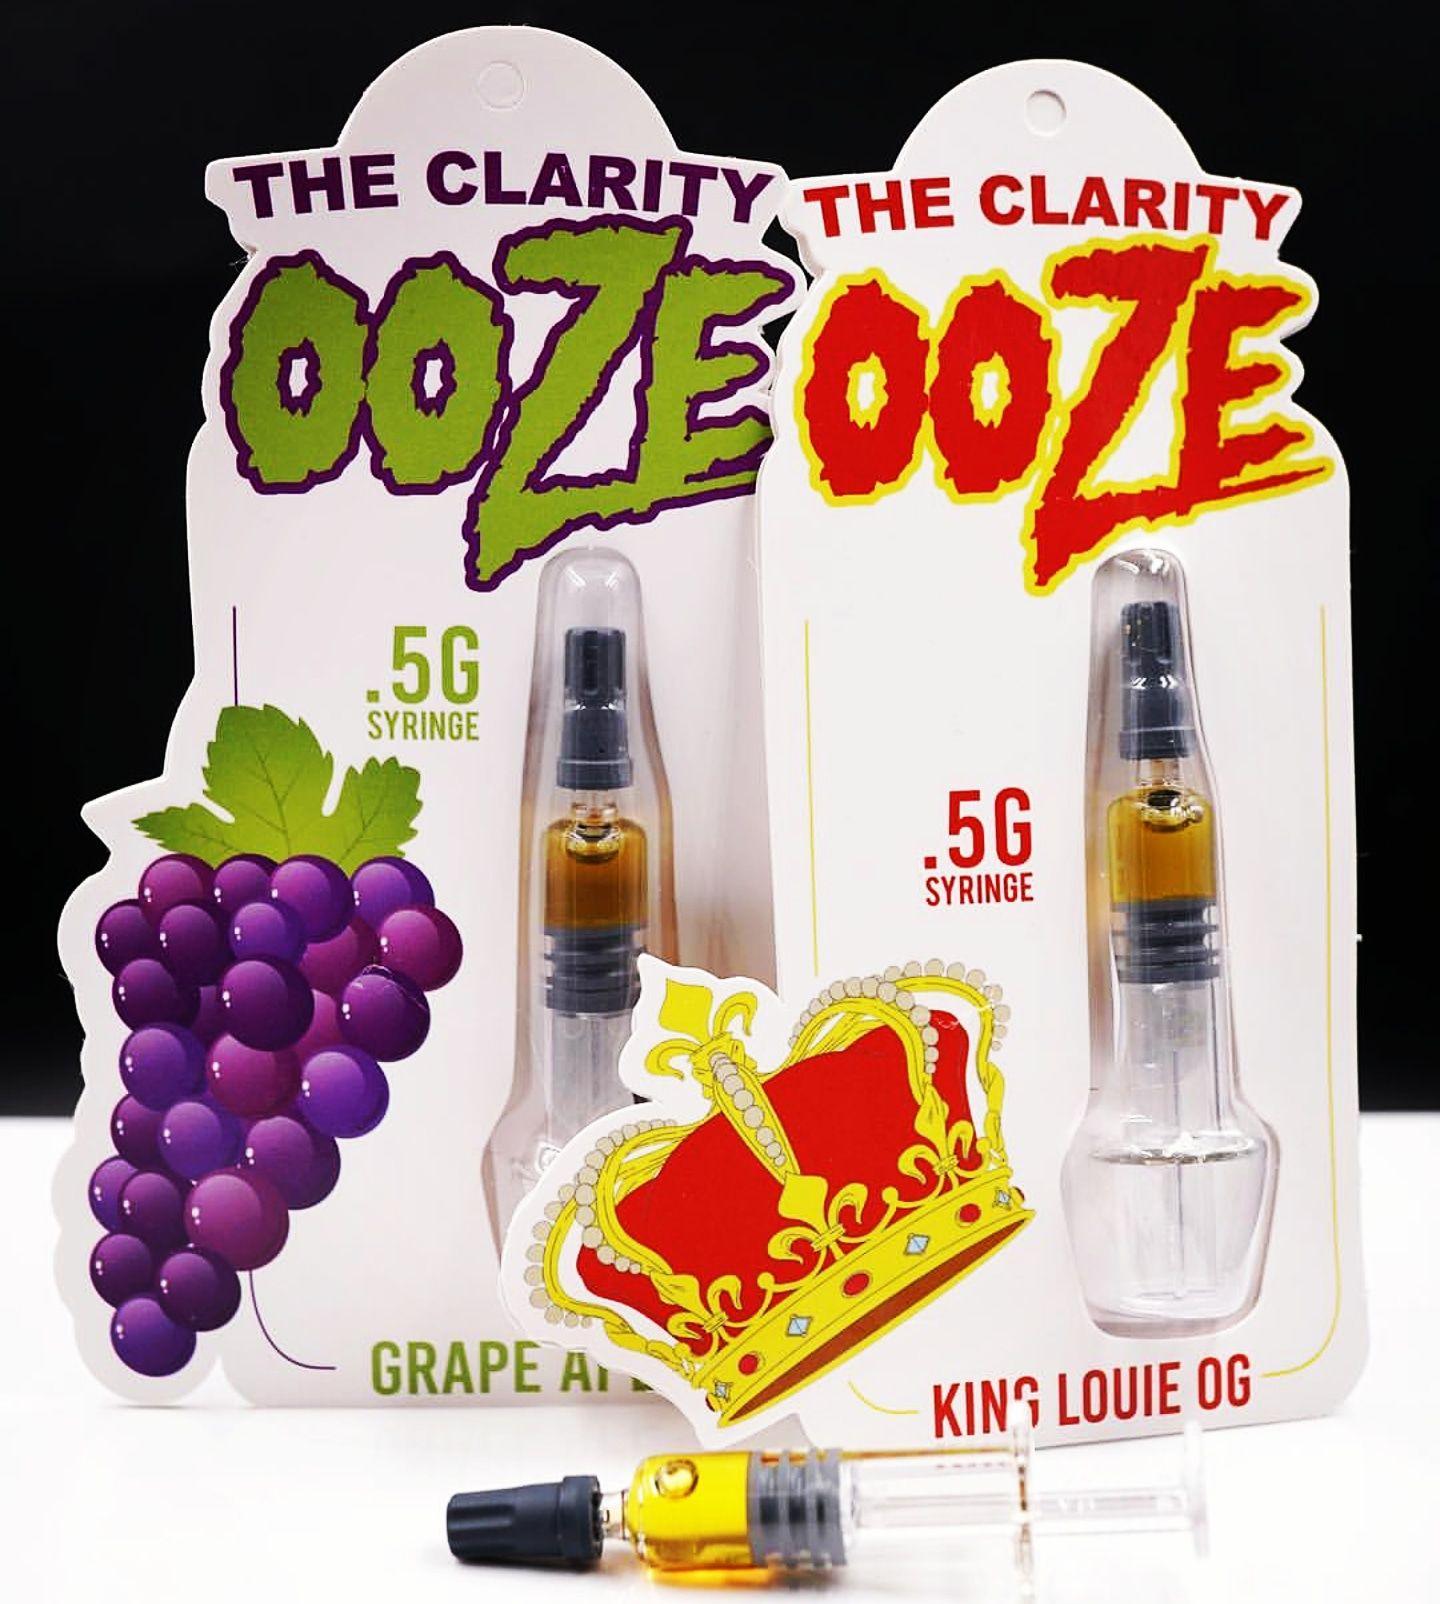 The Clarity Ooze Grape Ape